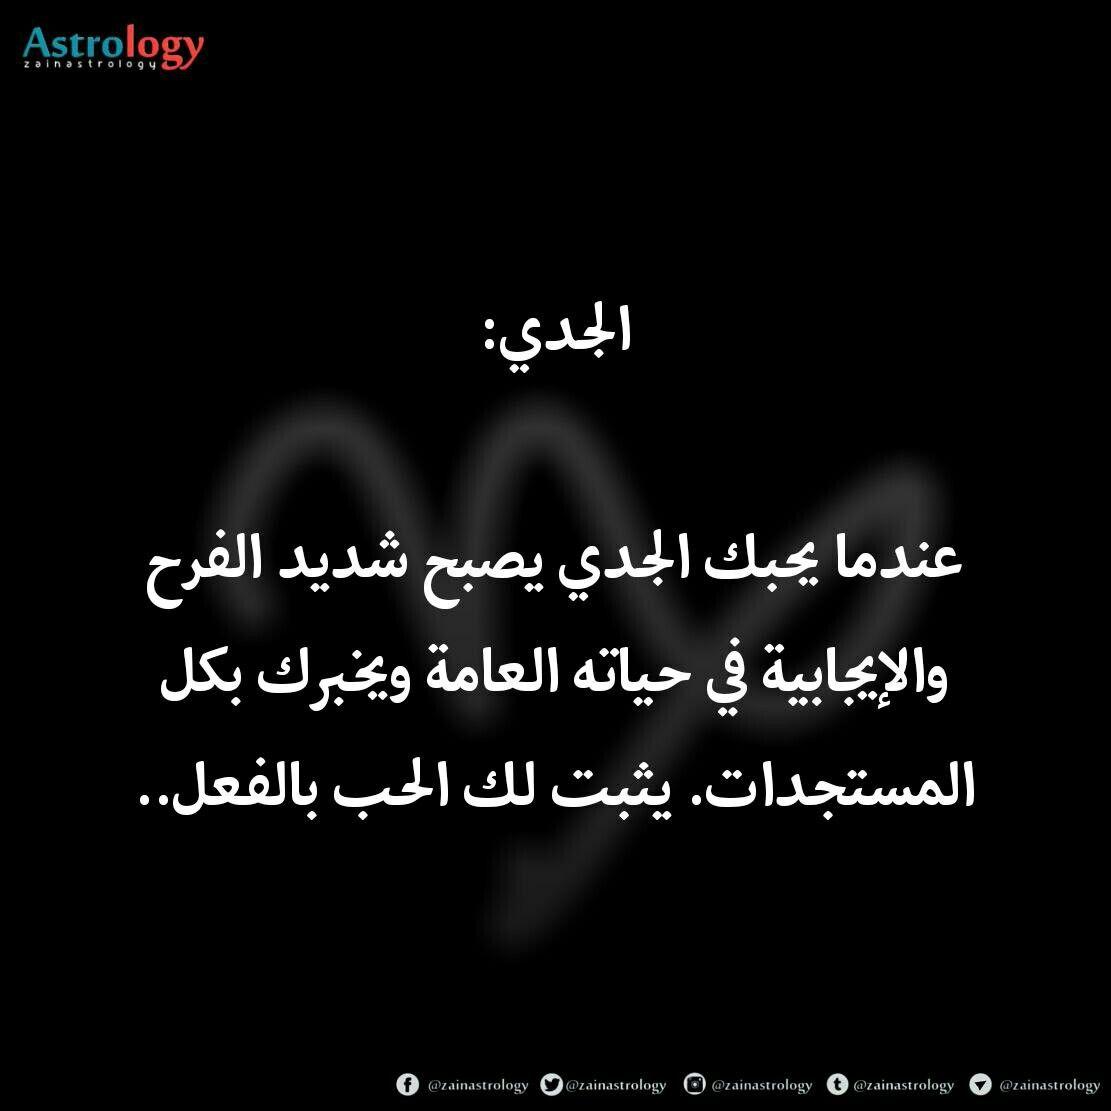 برج الجدي عندما يحب Zodiac Signs Quotes Arabi